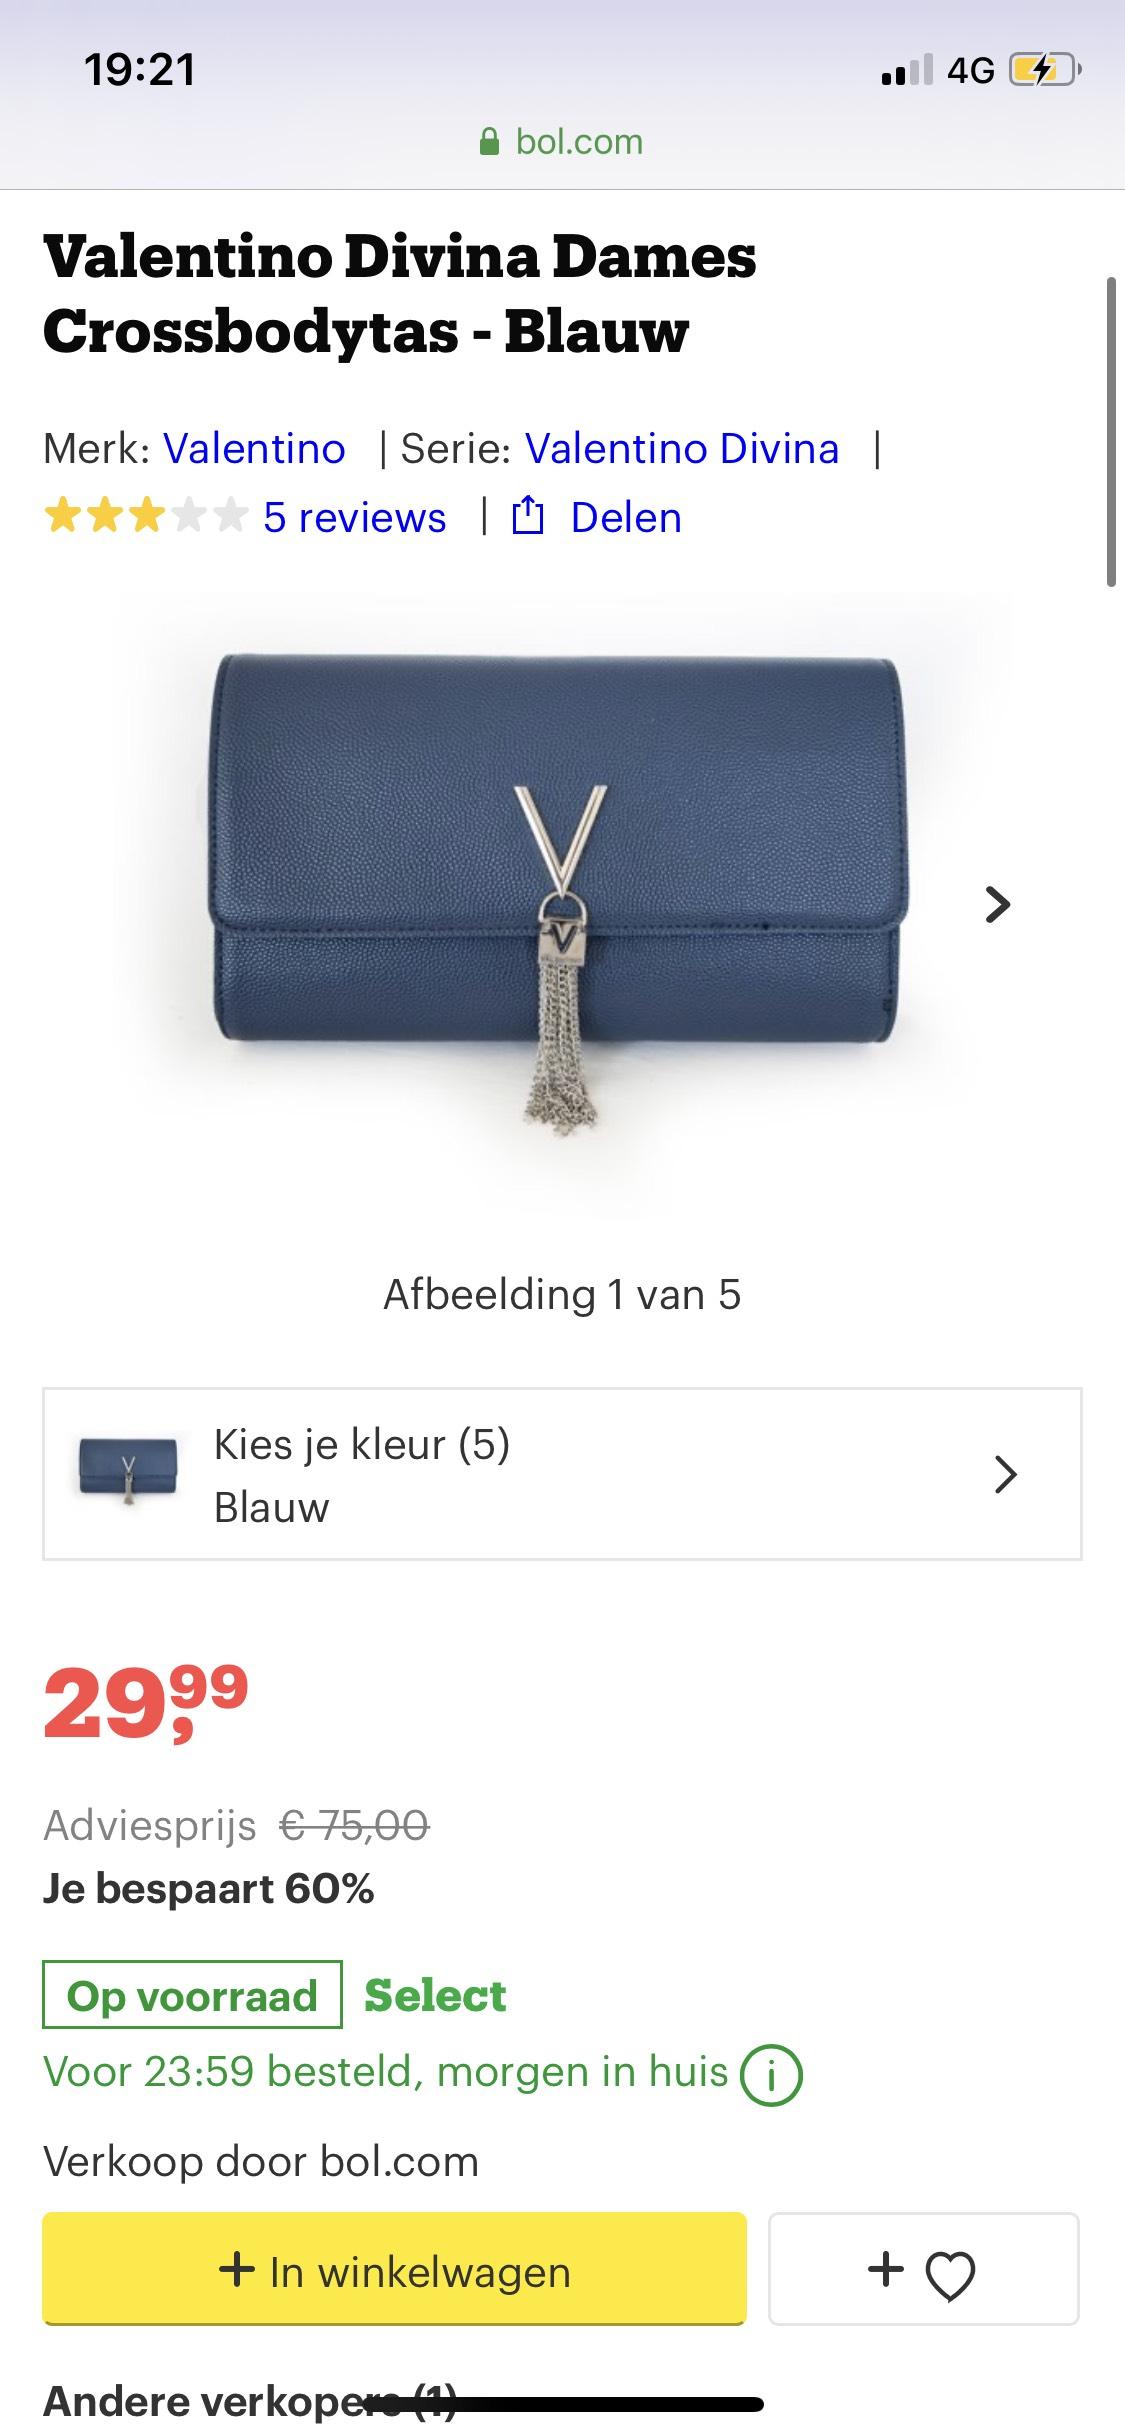 Valentino Divina Dames Crossbodytas - Blauw @ Bol.com